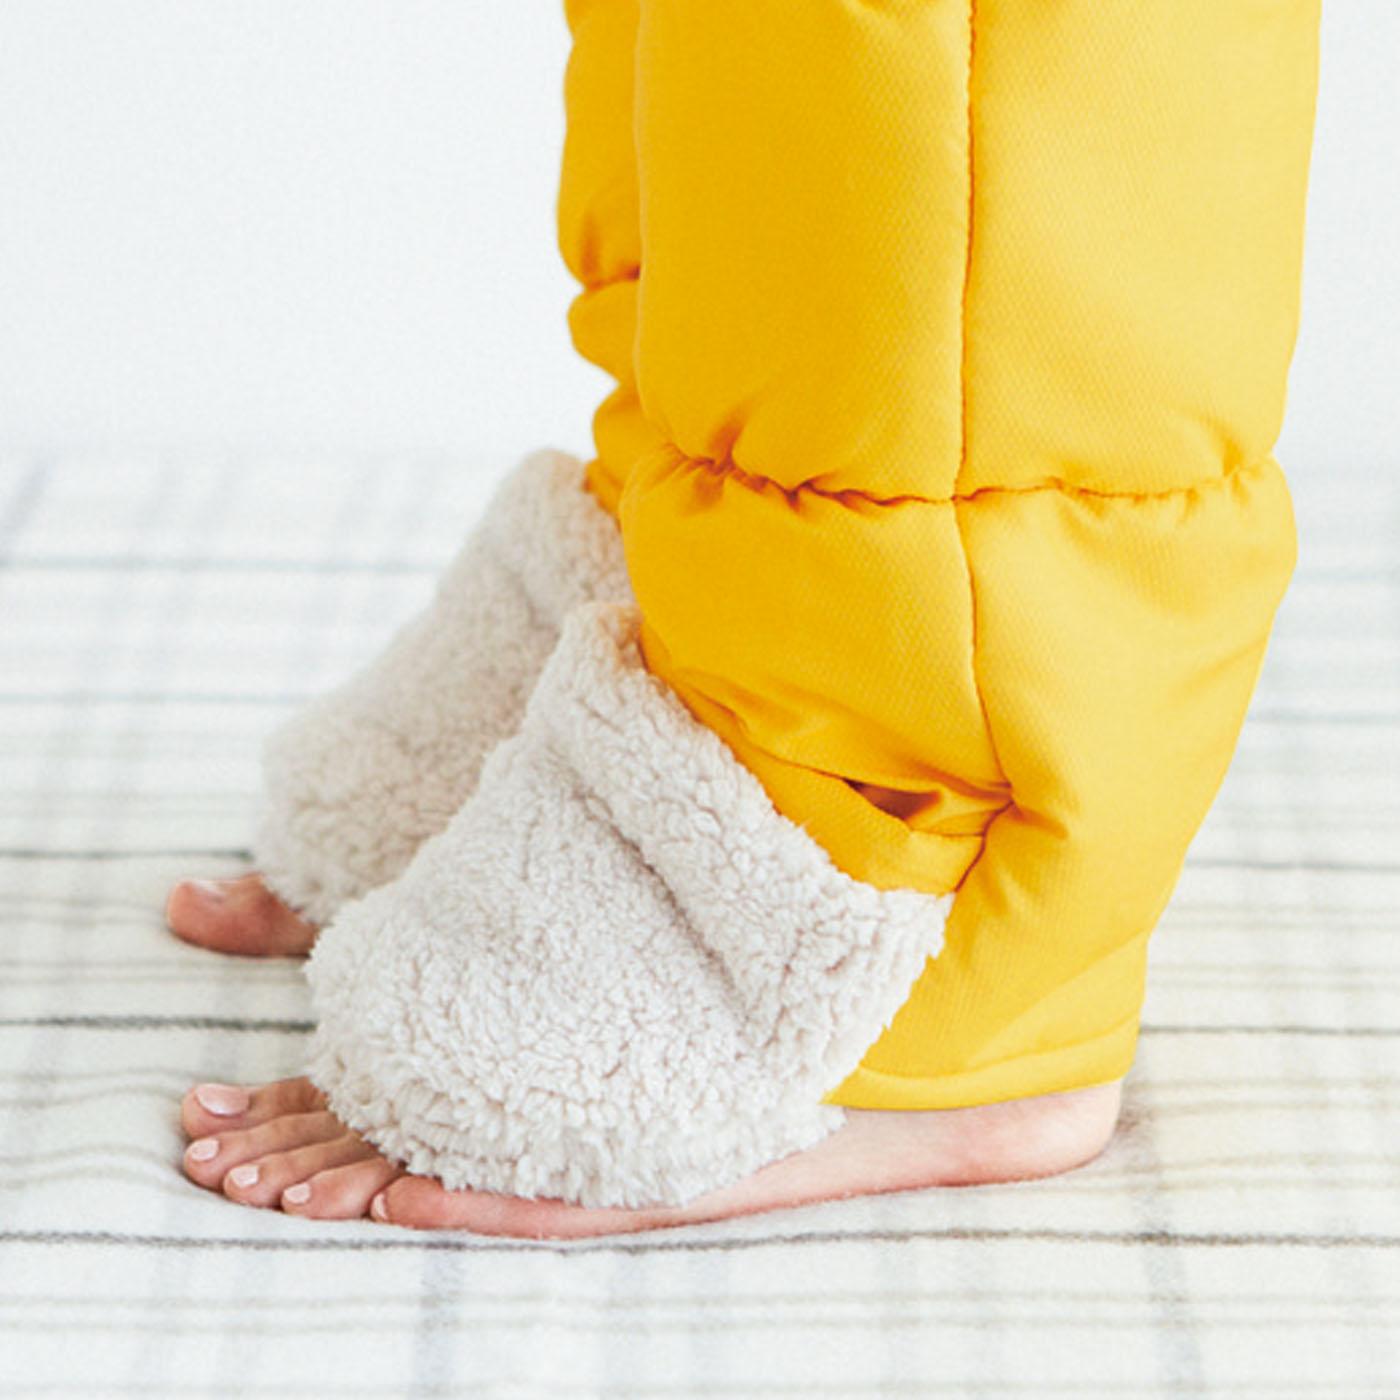 はいたまま歩けます!甲の部分をくるっと折り上げると、かかと下のスリットから足が出せます。